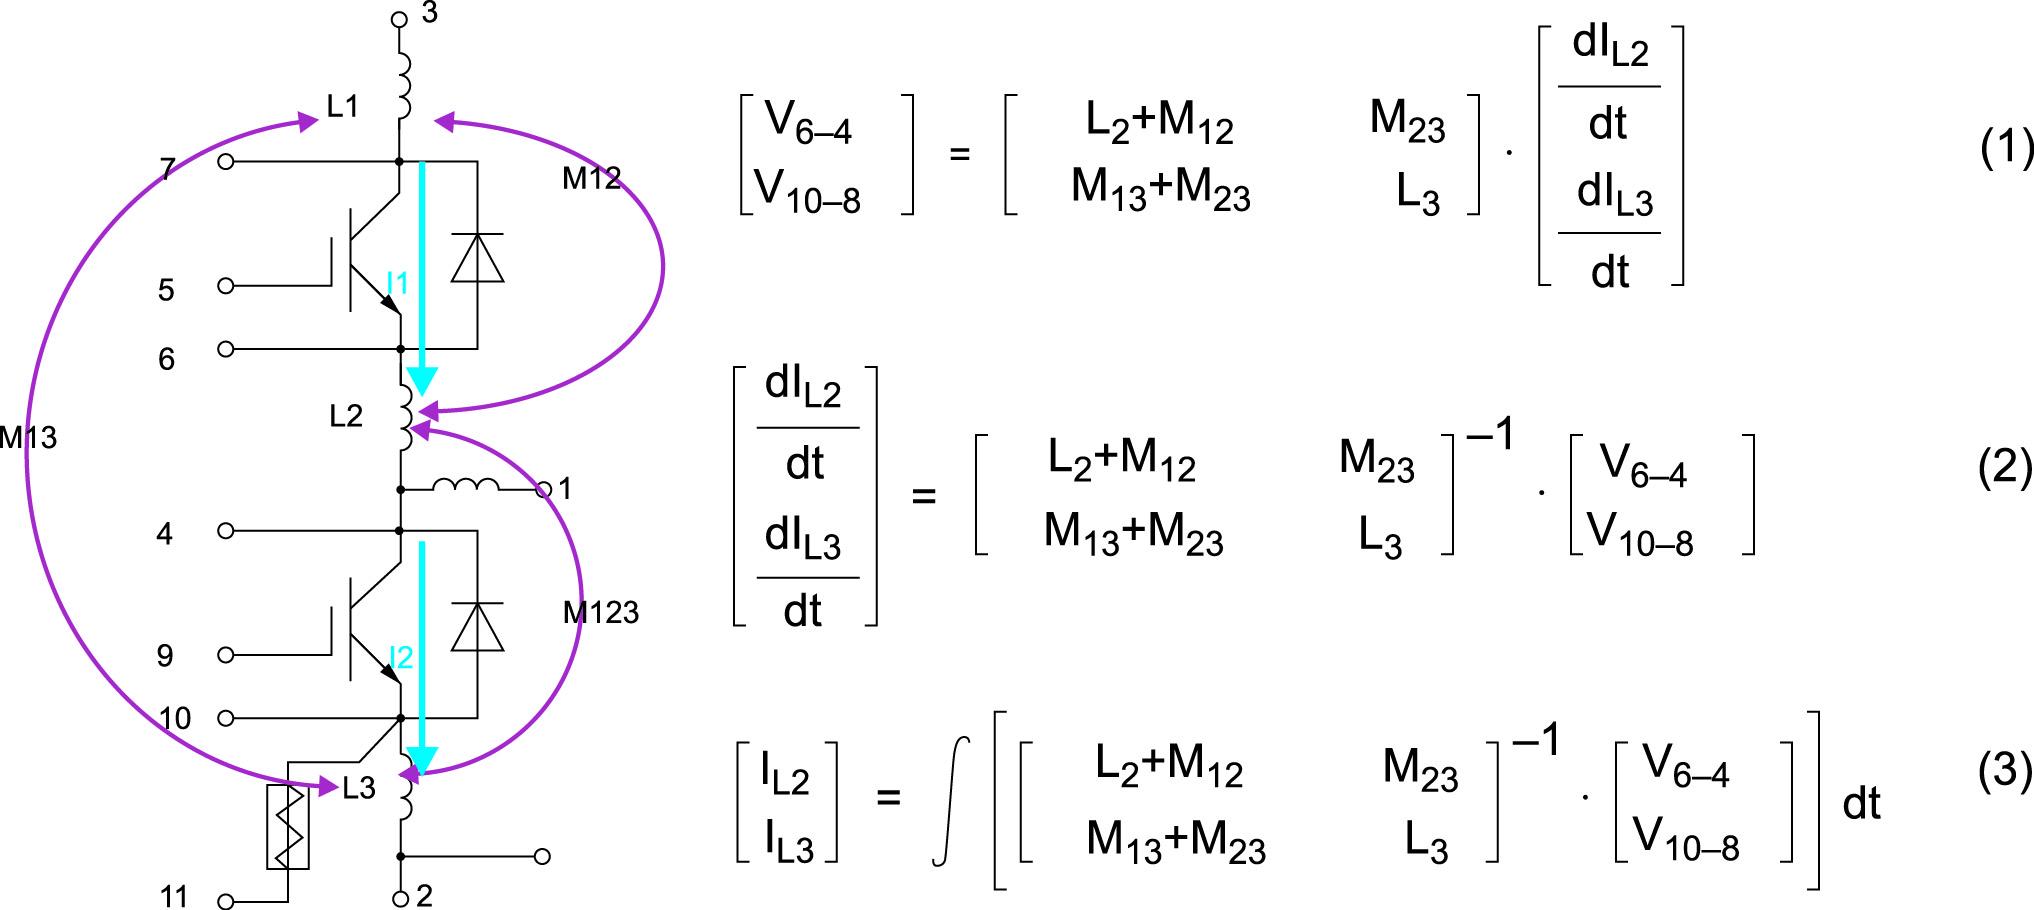 Топология схемы nHPD и предлагаемый алгоритм измерения тока